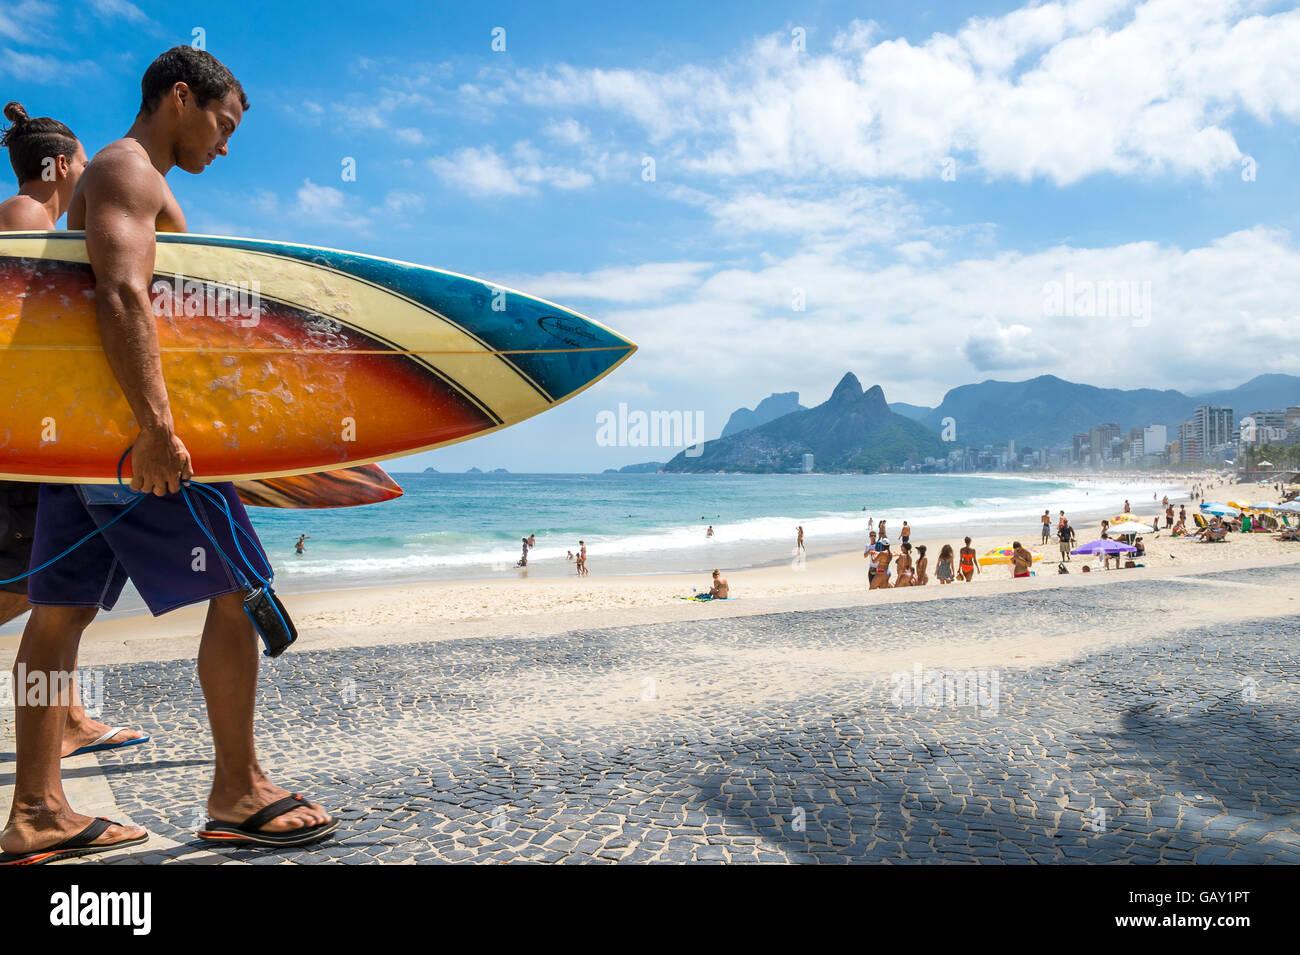 RIO DE JANEIRO - Aprile 3, 2016: il giovane brasiliano carioca giovane cammina con tavole da surf Arpoador, il famoso Immagini Stock